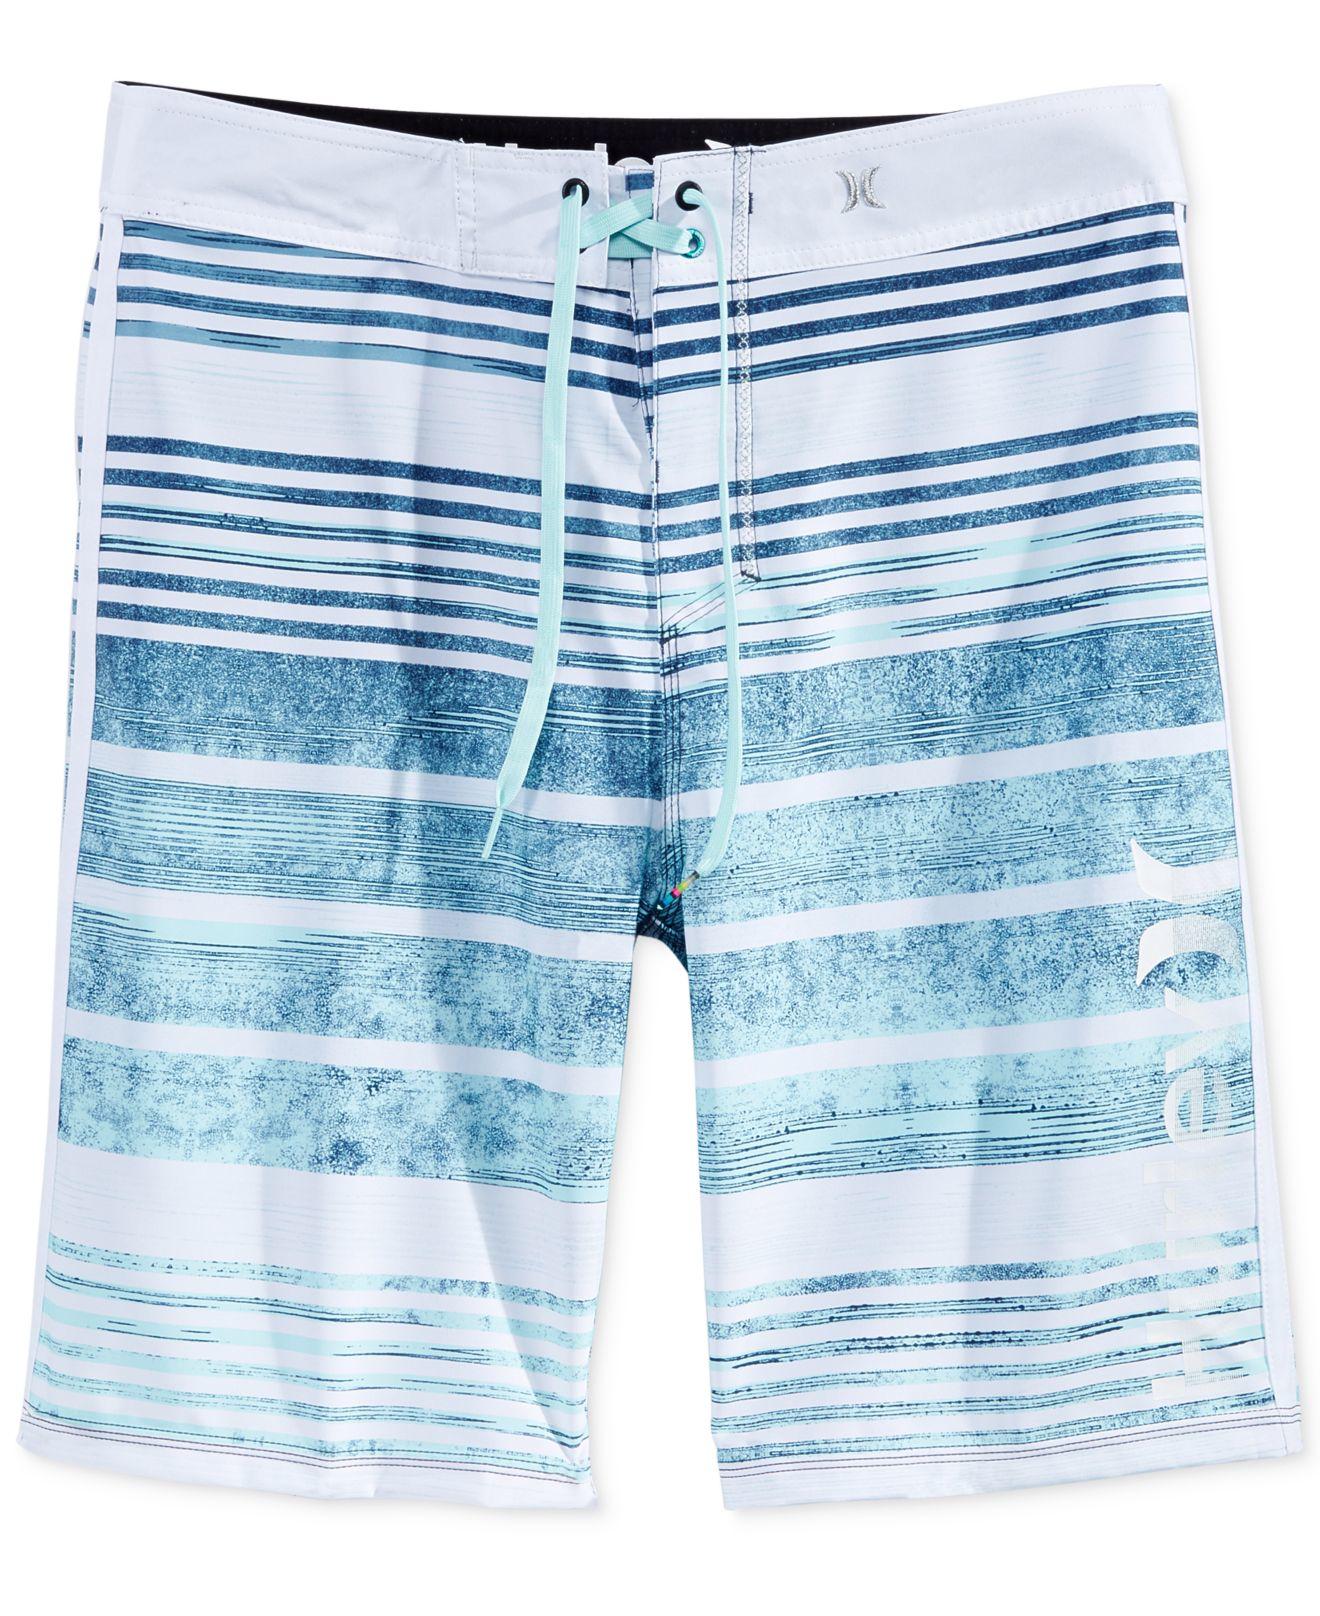 231b4afb5b Lyst - Hurley Men's Phantom Hightide Stripe Boardshorts in Blue for Men